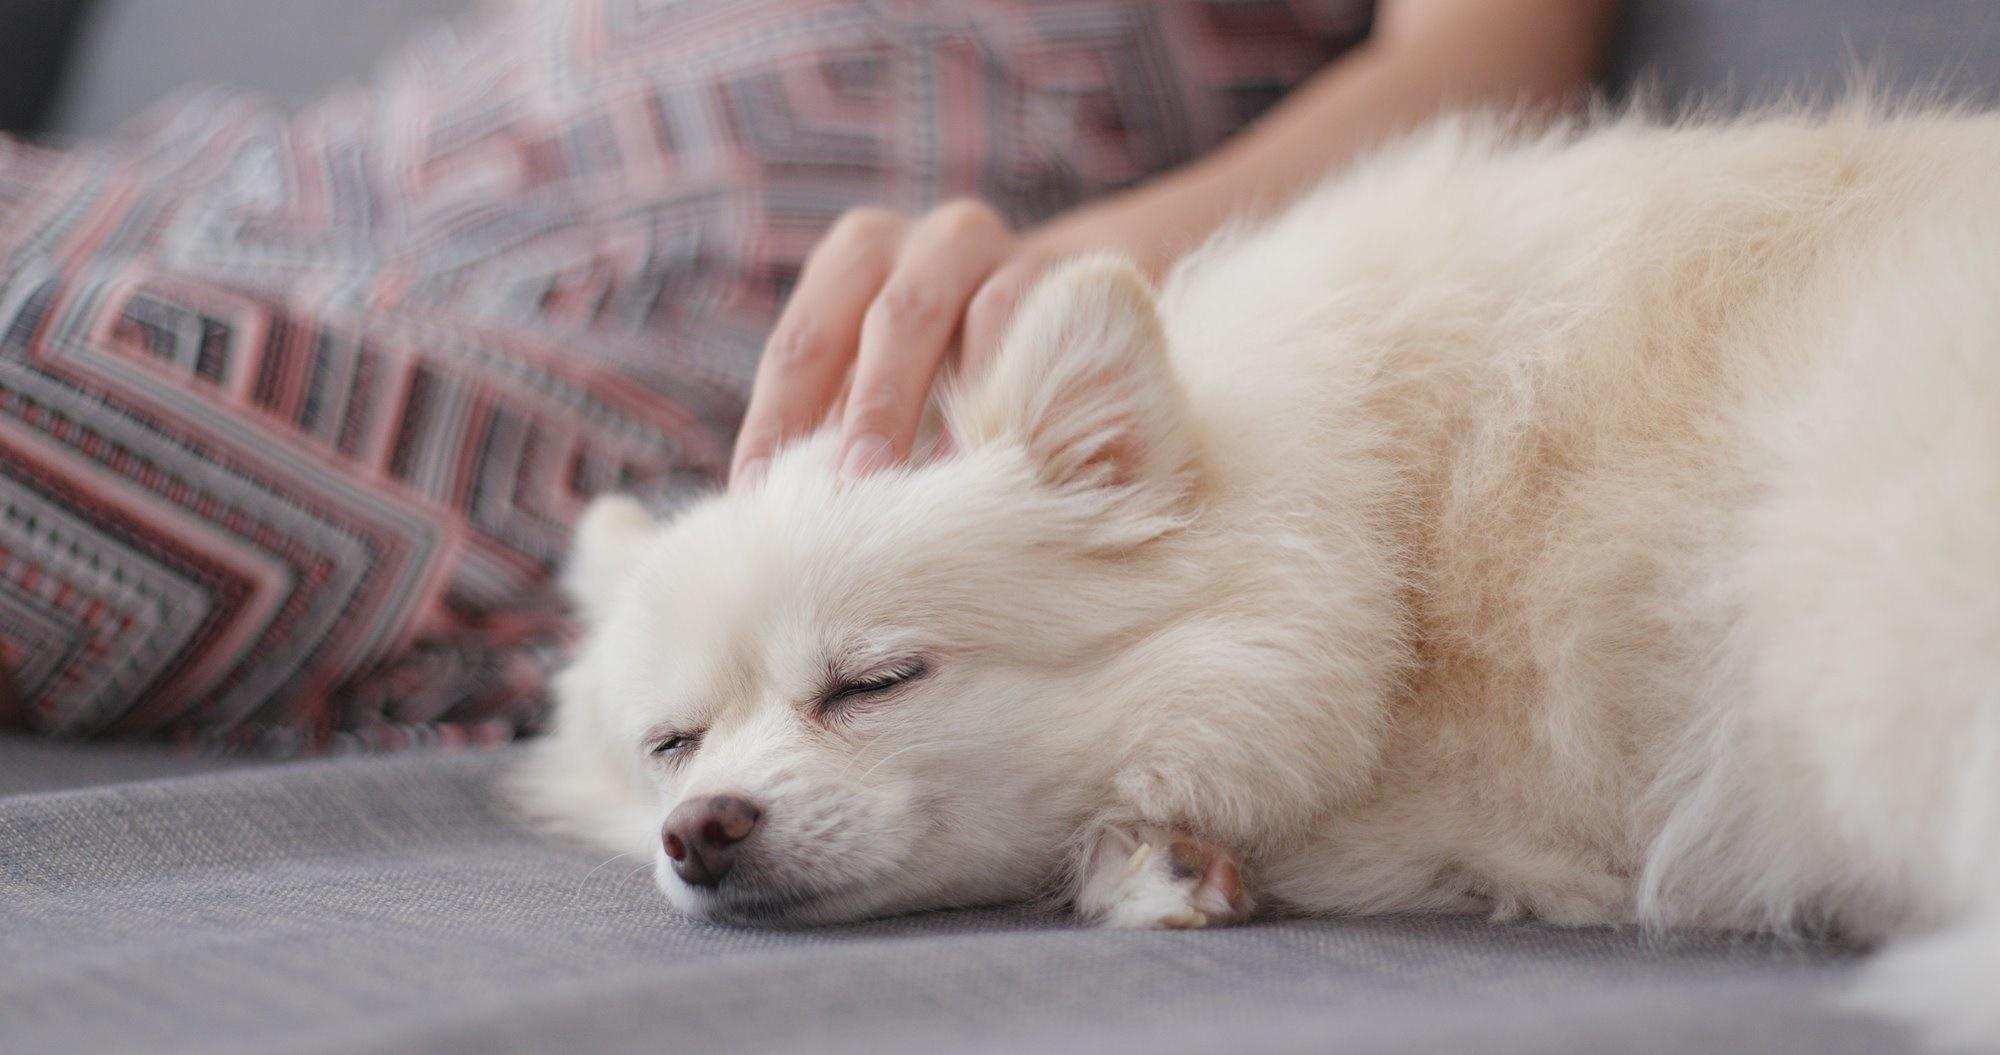 La práctica Tellington Ttouch es una de las técnicas más satisfactorias para los perros. Foto: Shutterstock.